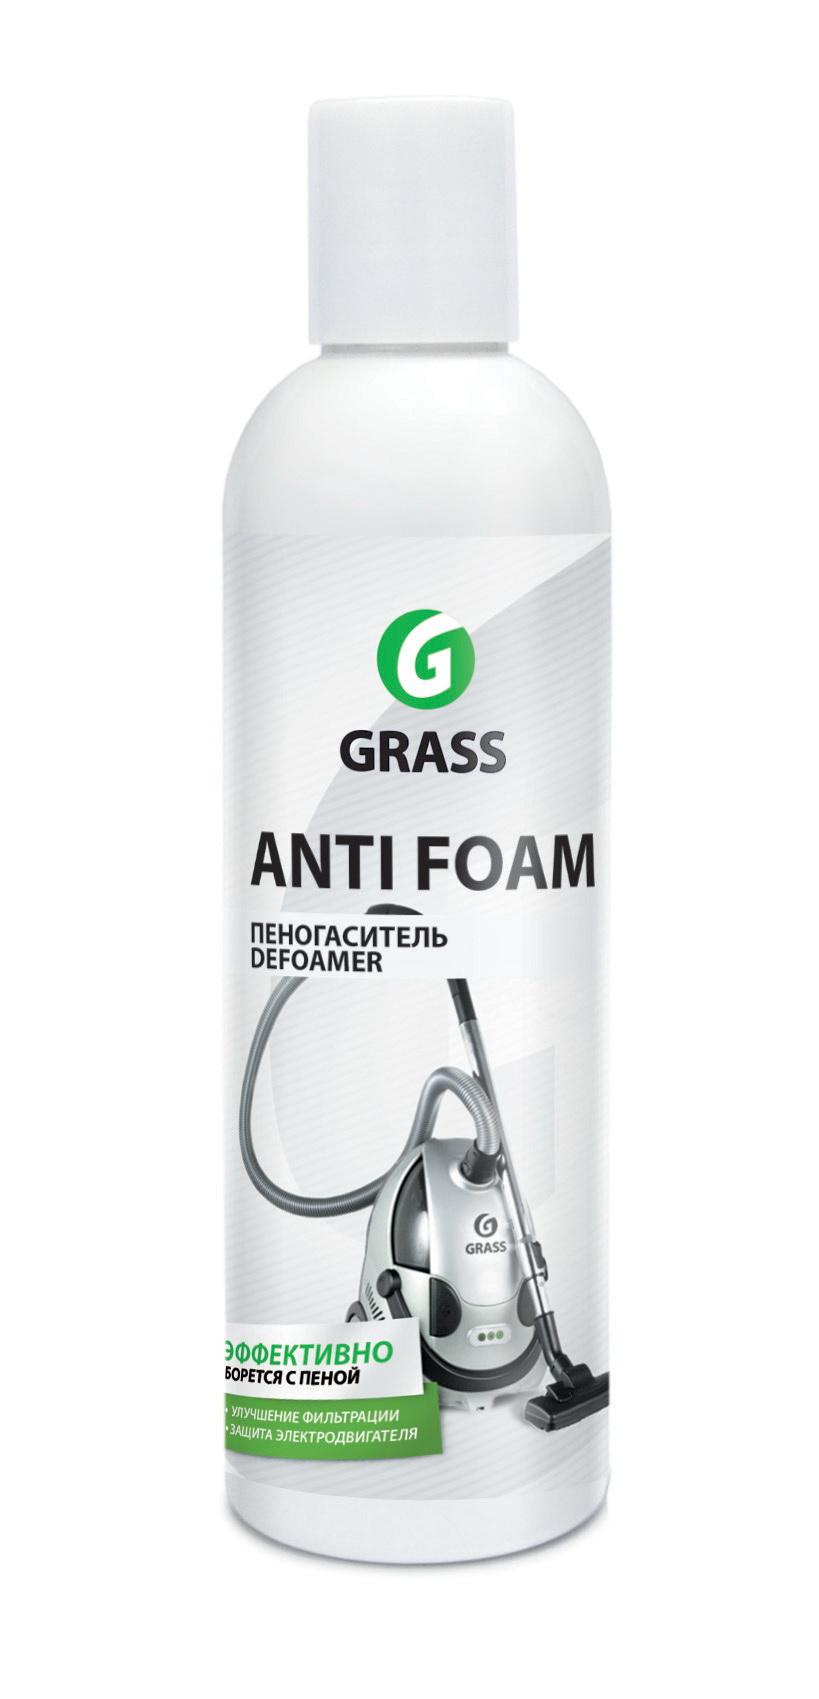 Очиститель Grass 800250 chrome